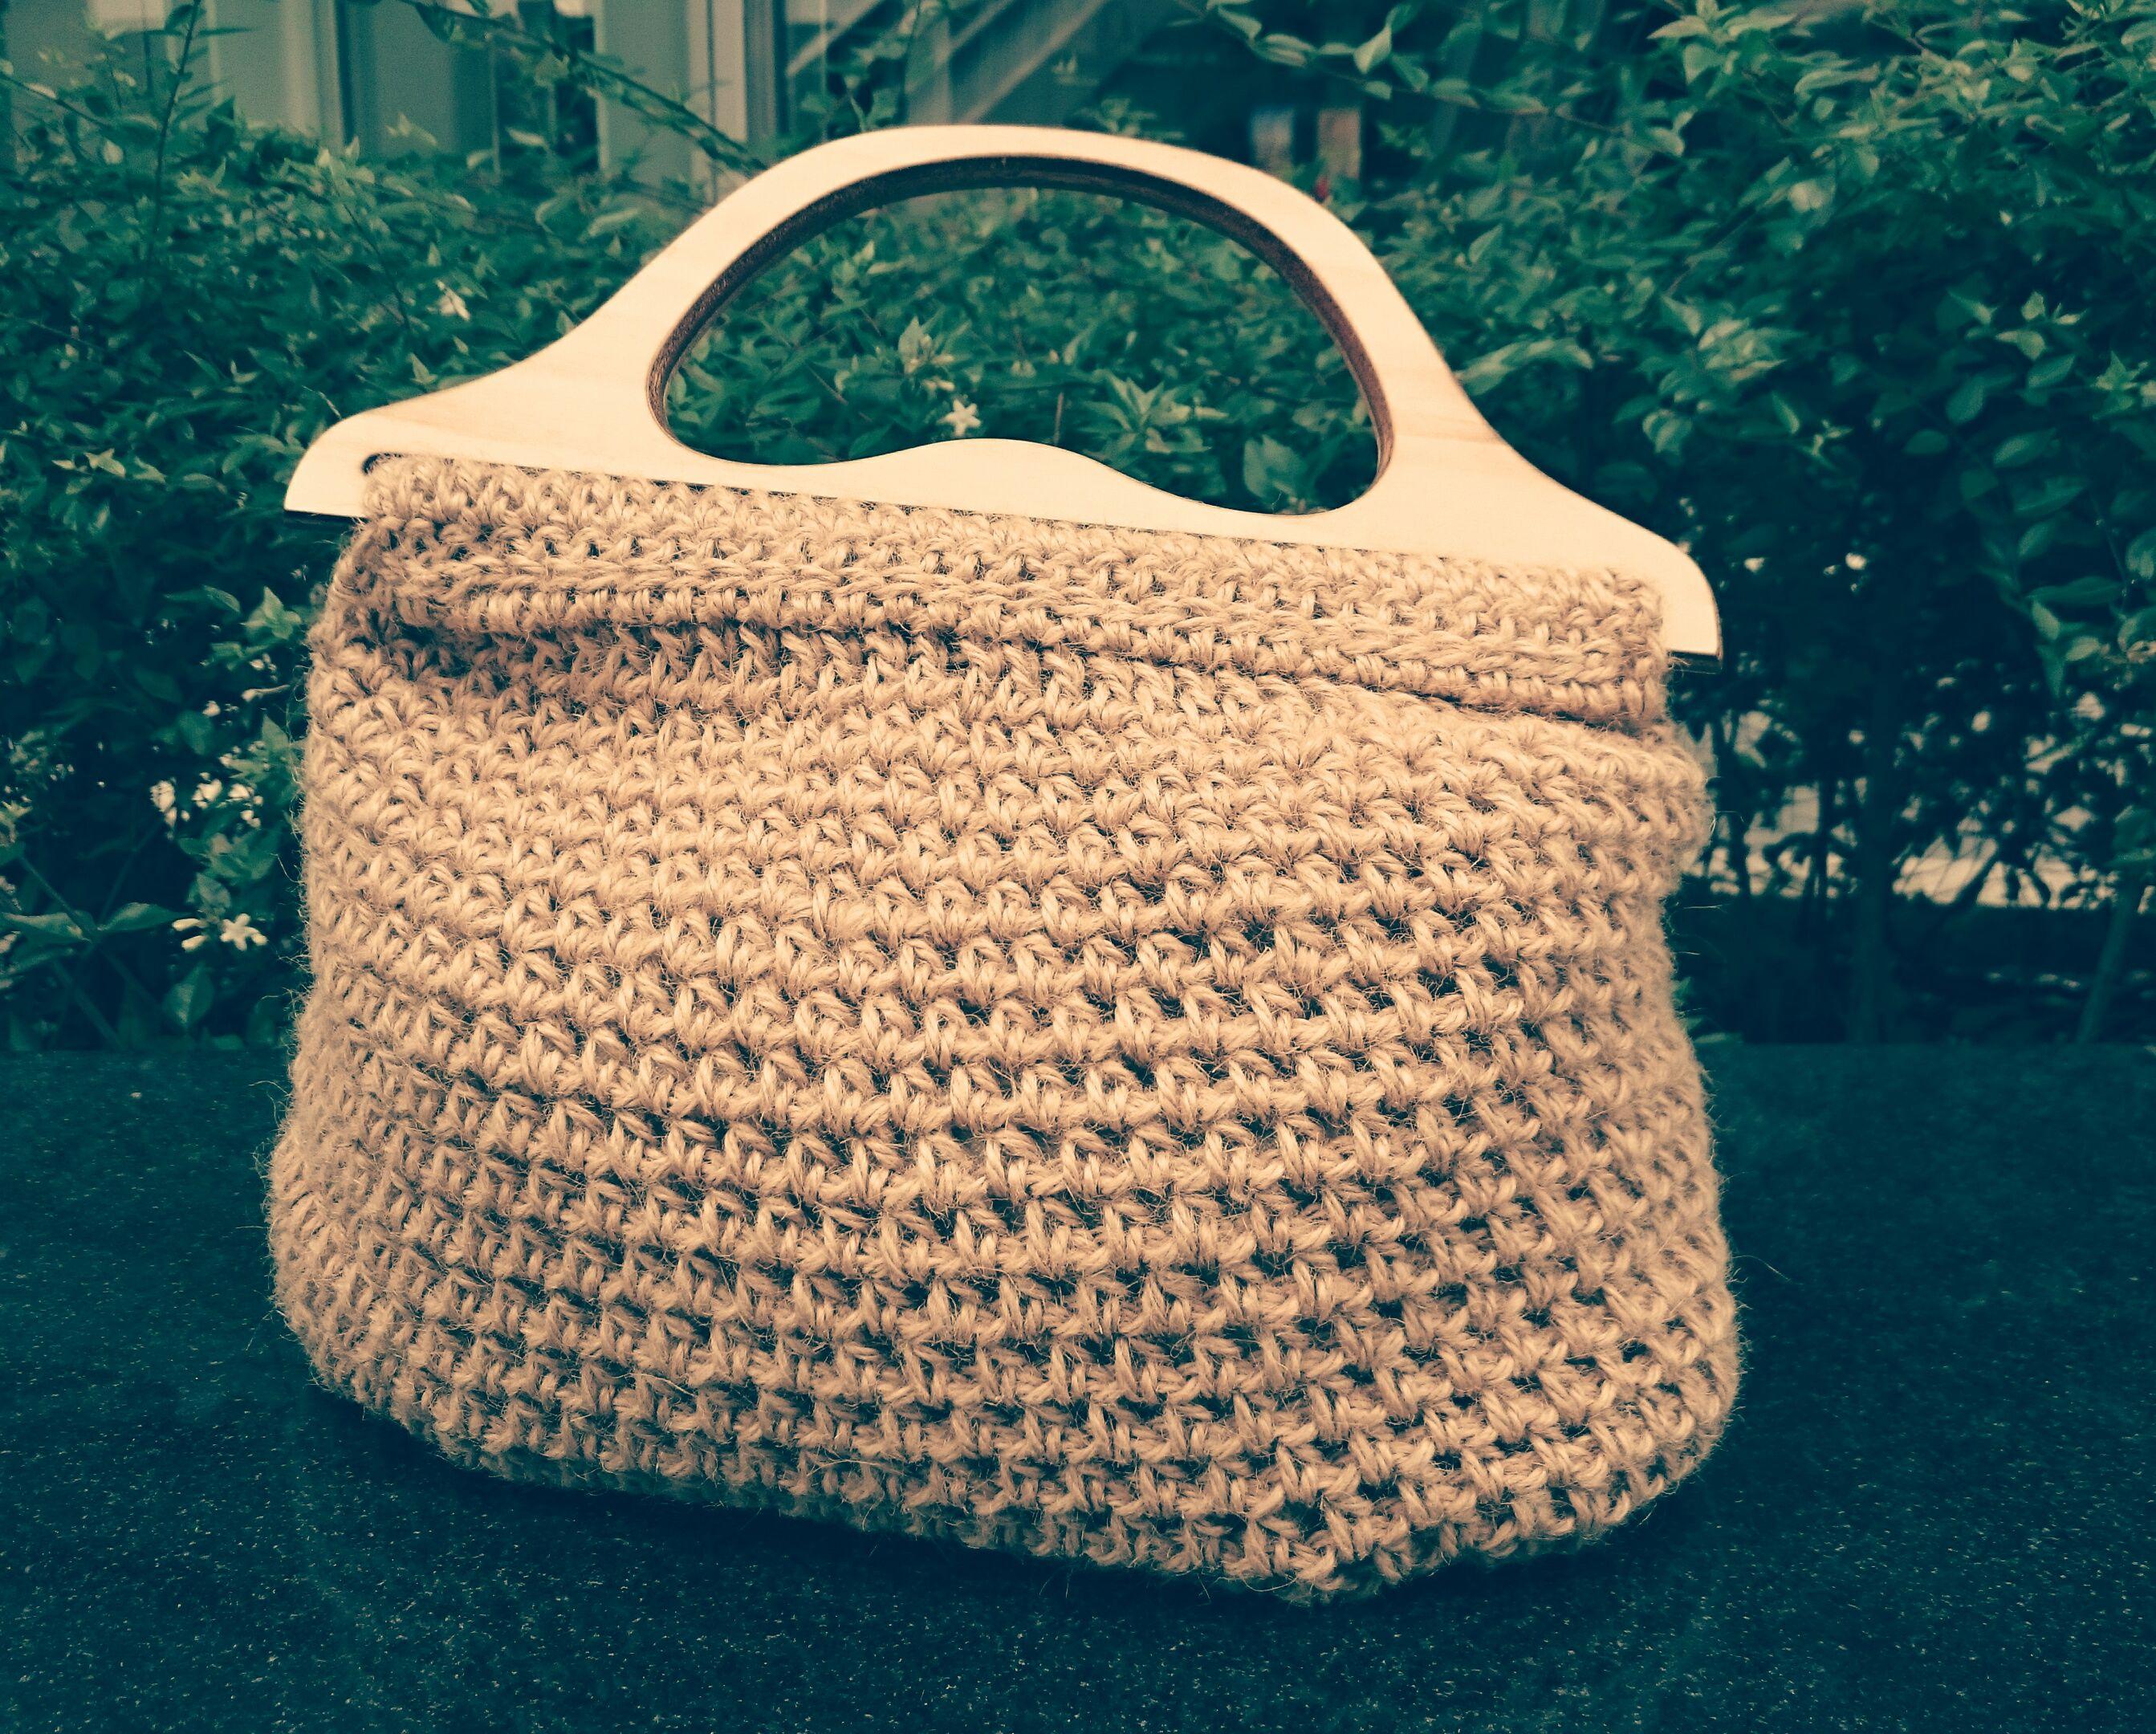 【天然石をプラスしたりしてカスタムオーダーも可能!】編み物歴40年のニットマダムが一点ずつ心を込めて作る!木の取っ手が温かくカワイイ☆手作り「麻紐バッグ」